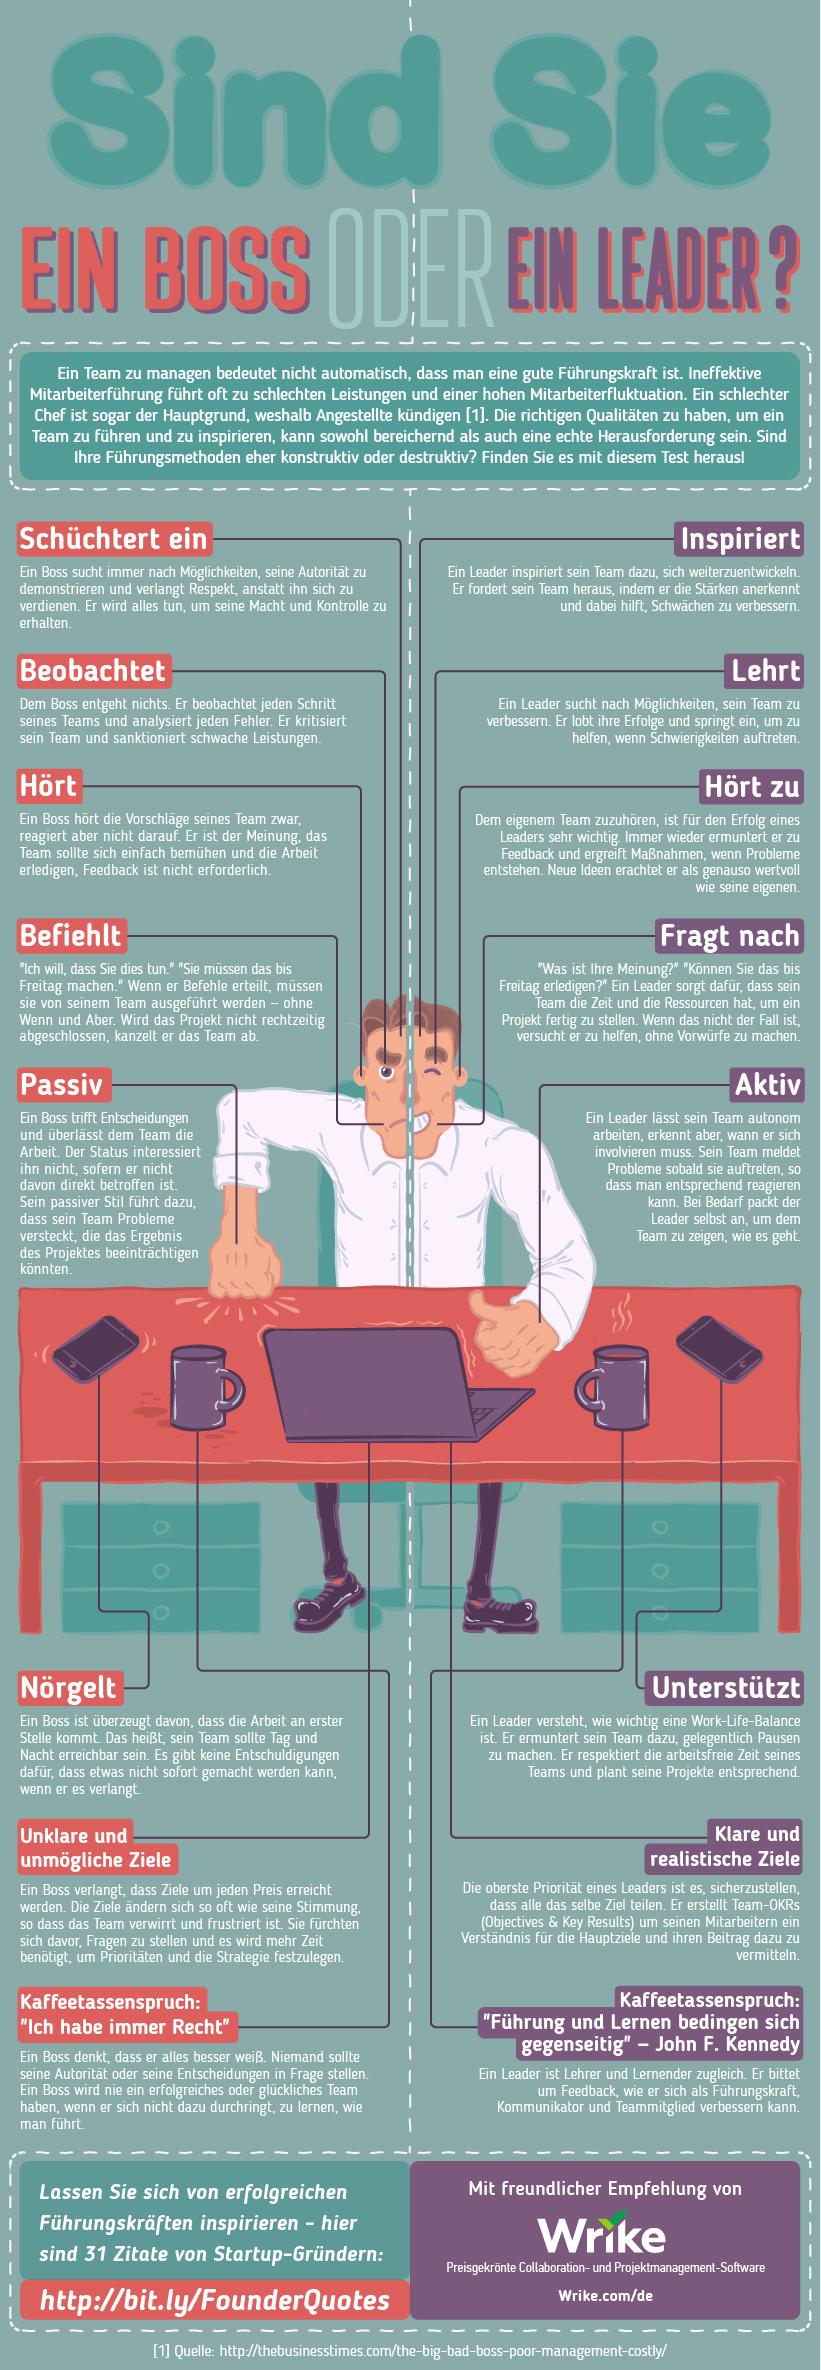 Infografik Unterschiede Boss und Leader (Bild: Wrike)